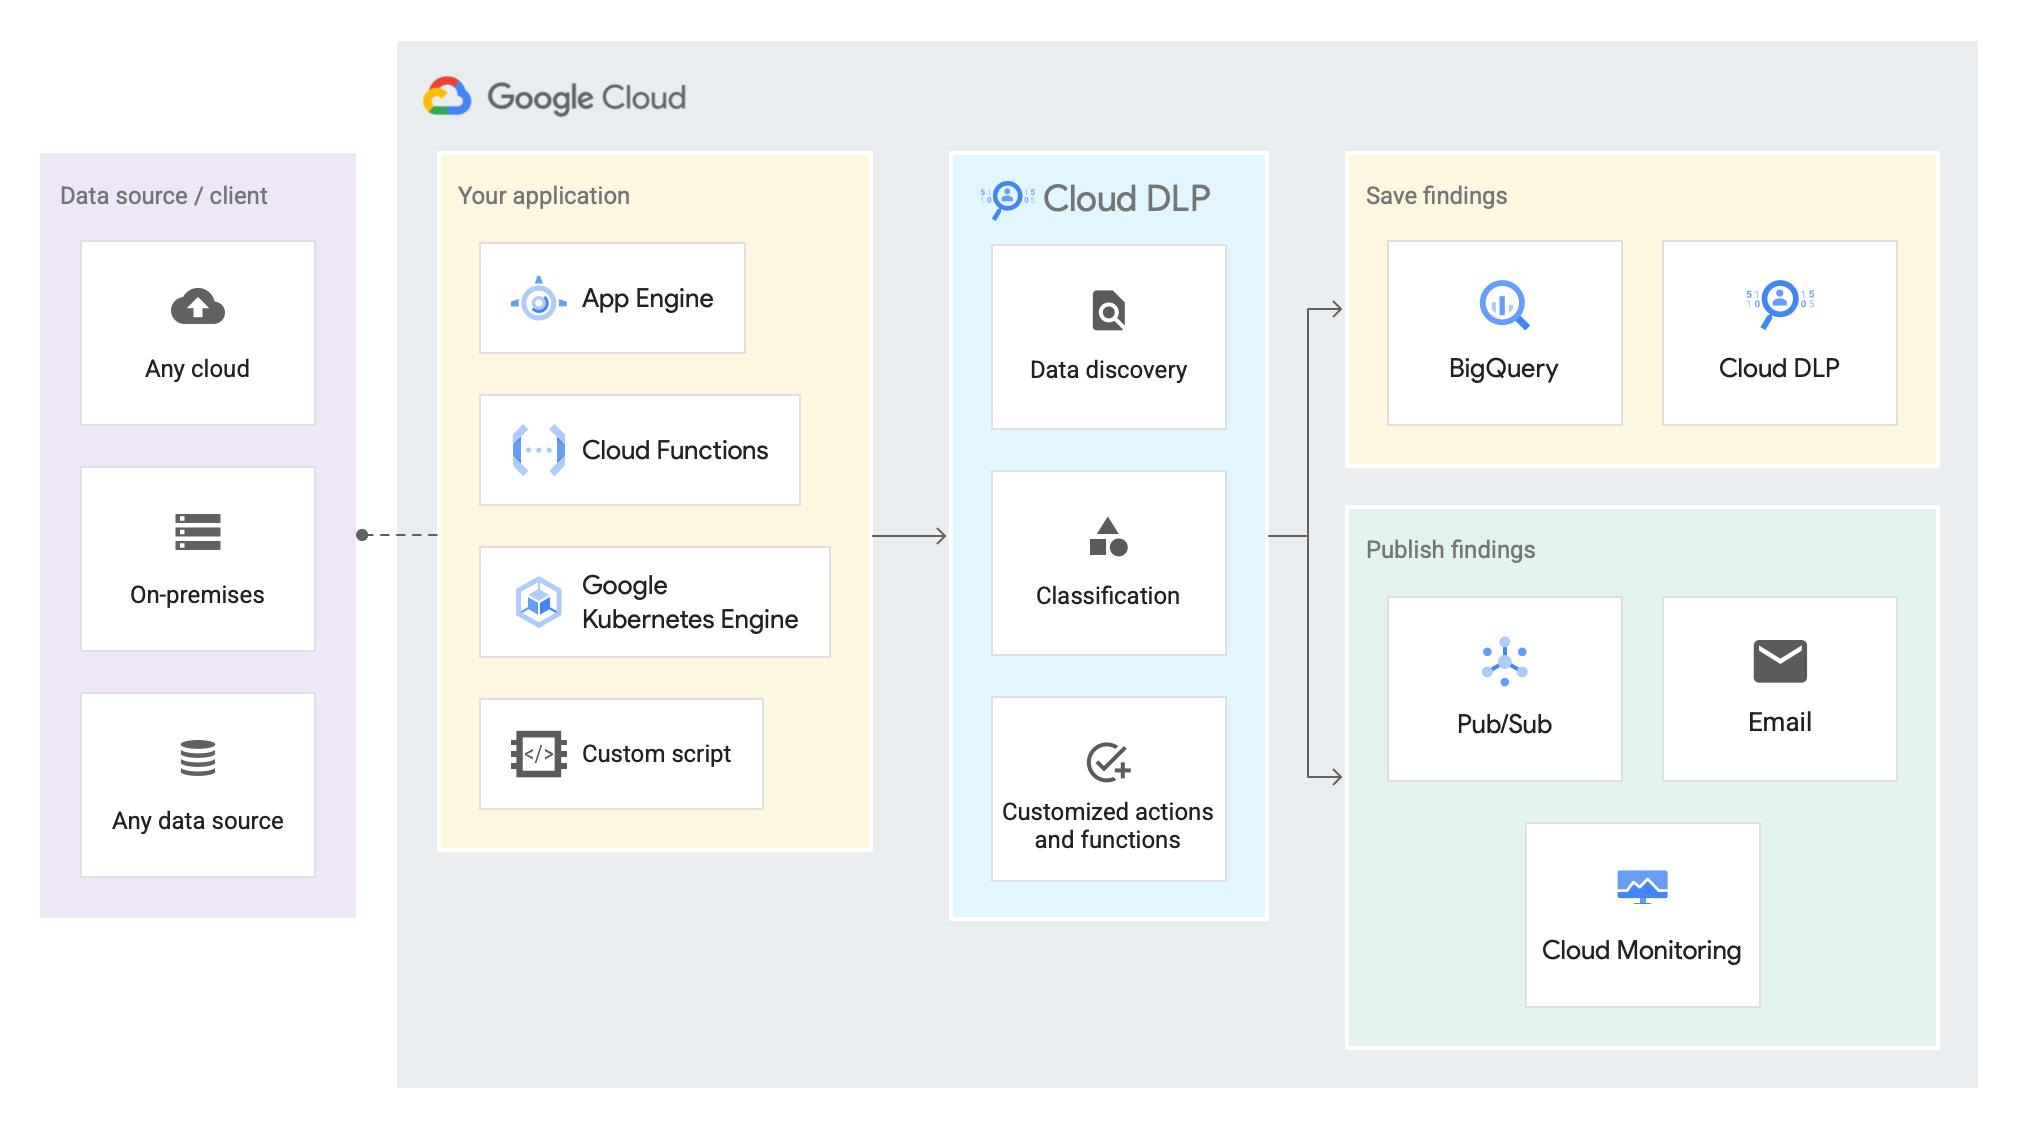 Diagrama de fluxo de dados de jobs híbridos, mostrando o aplicativo enviando dados de uma fonte externa para o Cloud DLP, o Cloud DLP inspecionando os dados e salvando ou publicando descobertas.